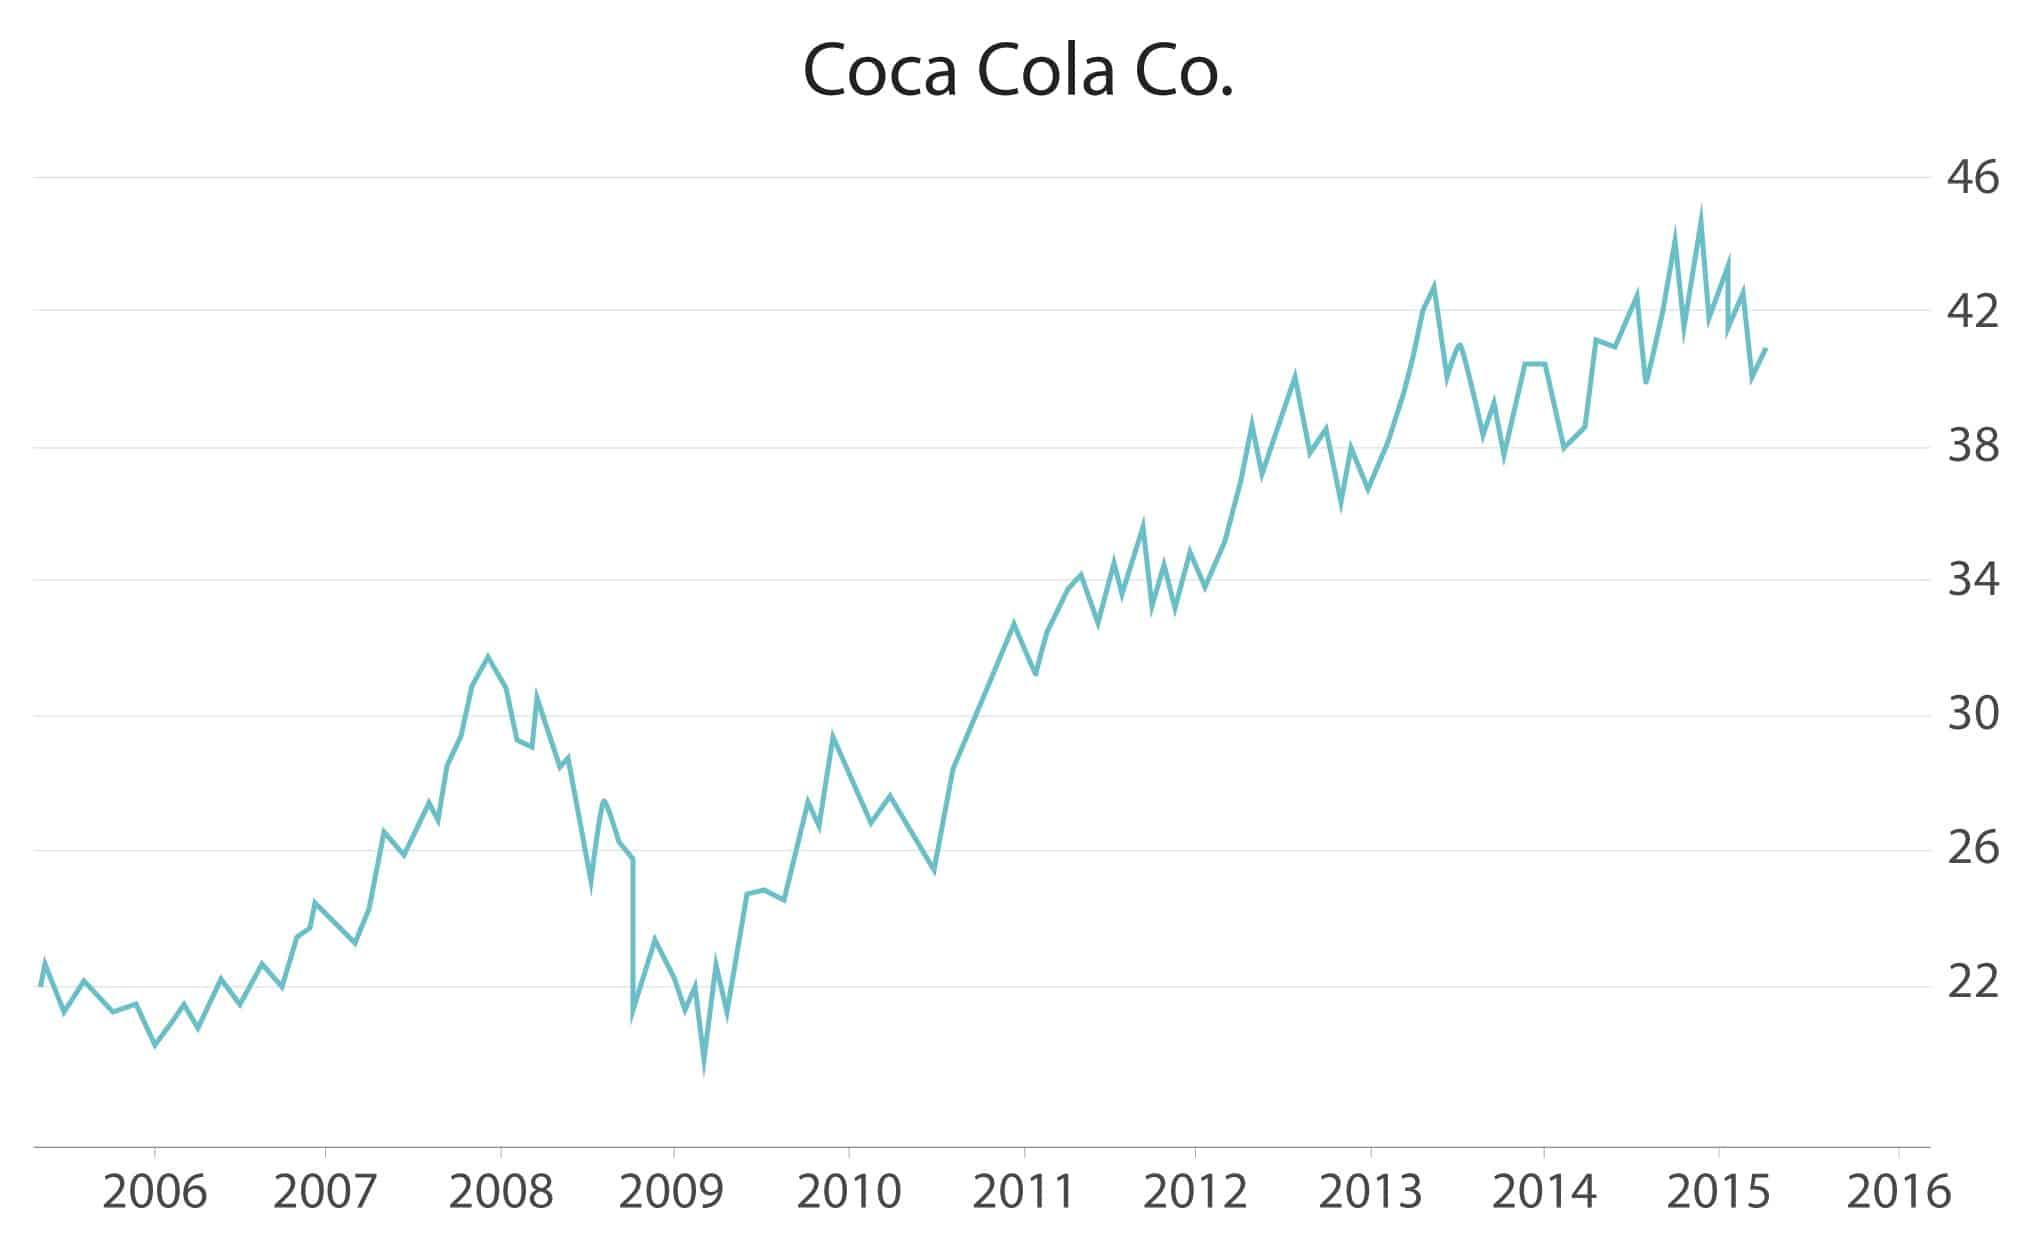 купить акции кока кола